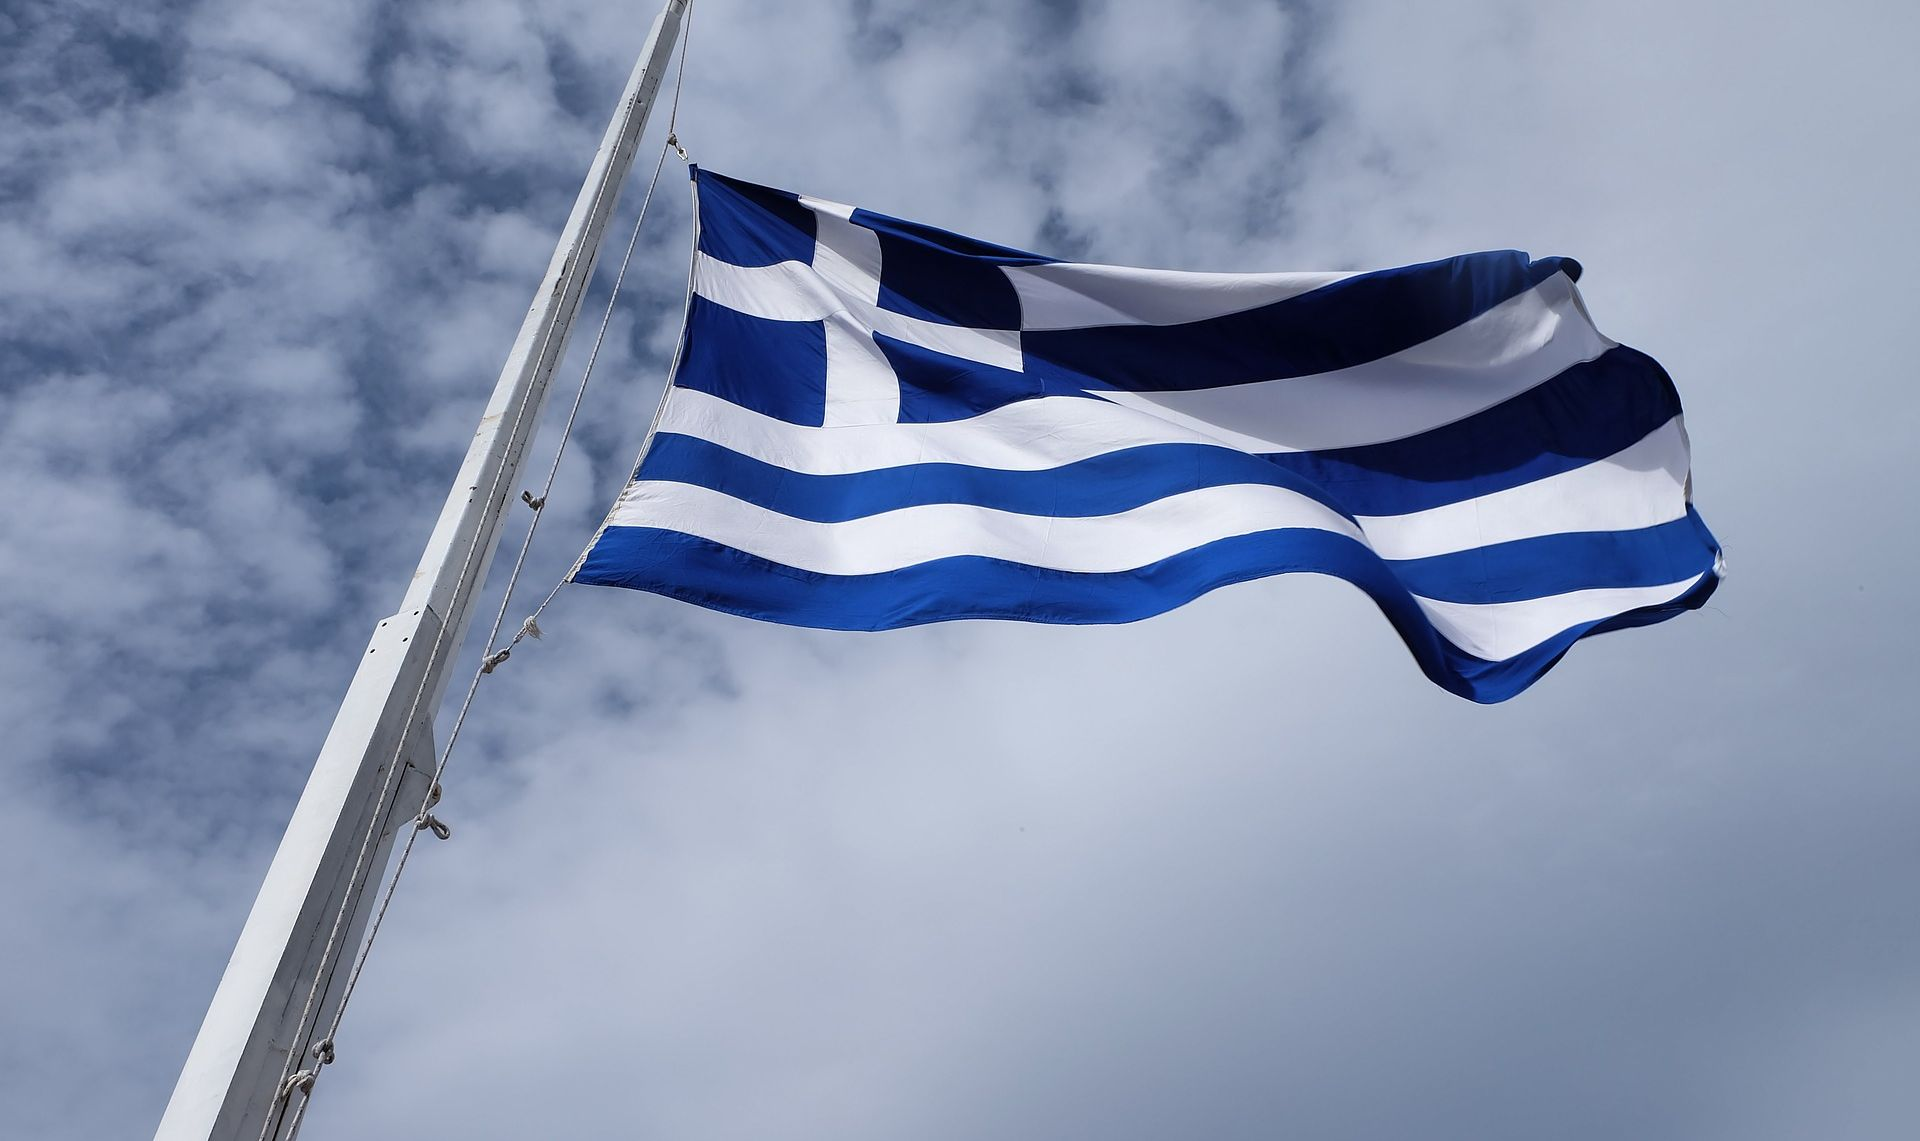 Grčka policija evaukira izbjeglički logor blizu Atene